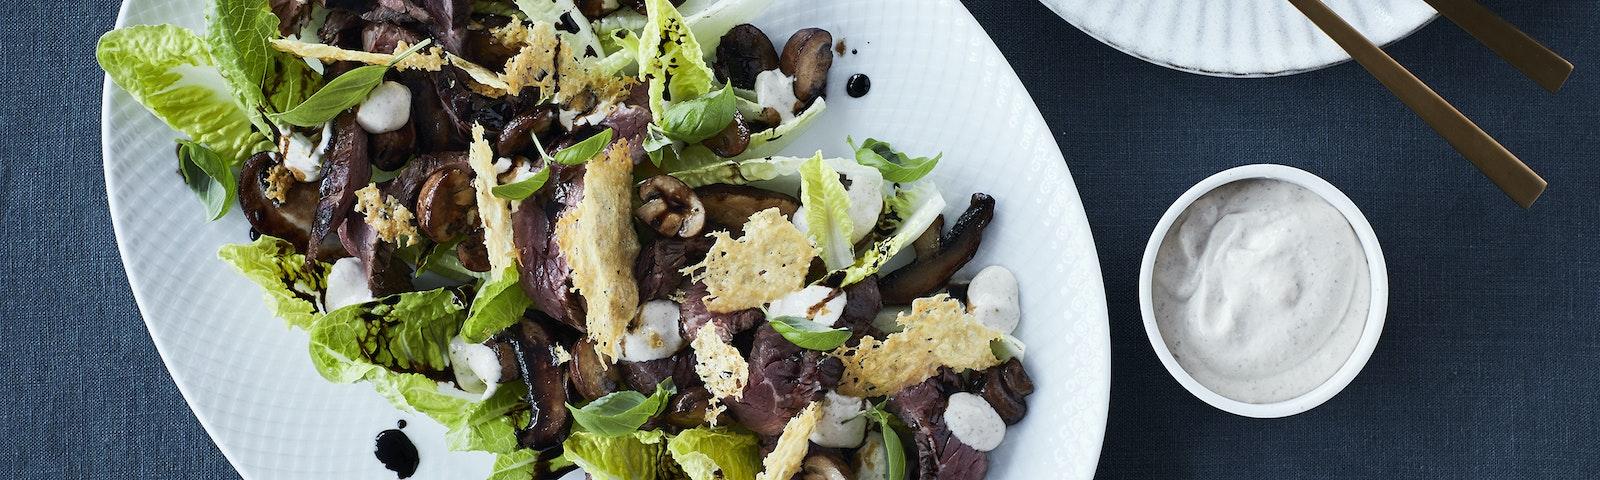 Tagliata med onglet, svampe og parmesan